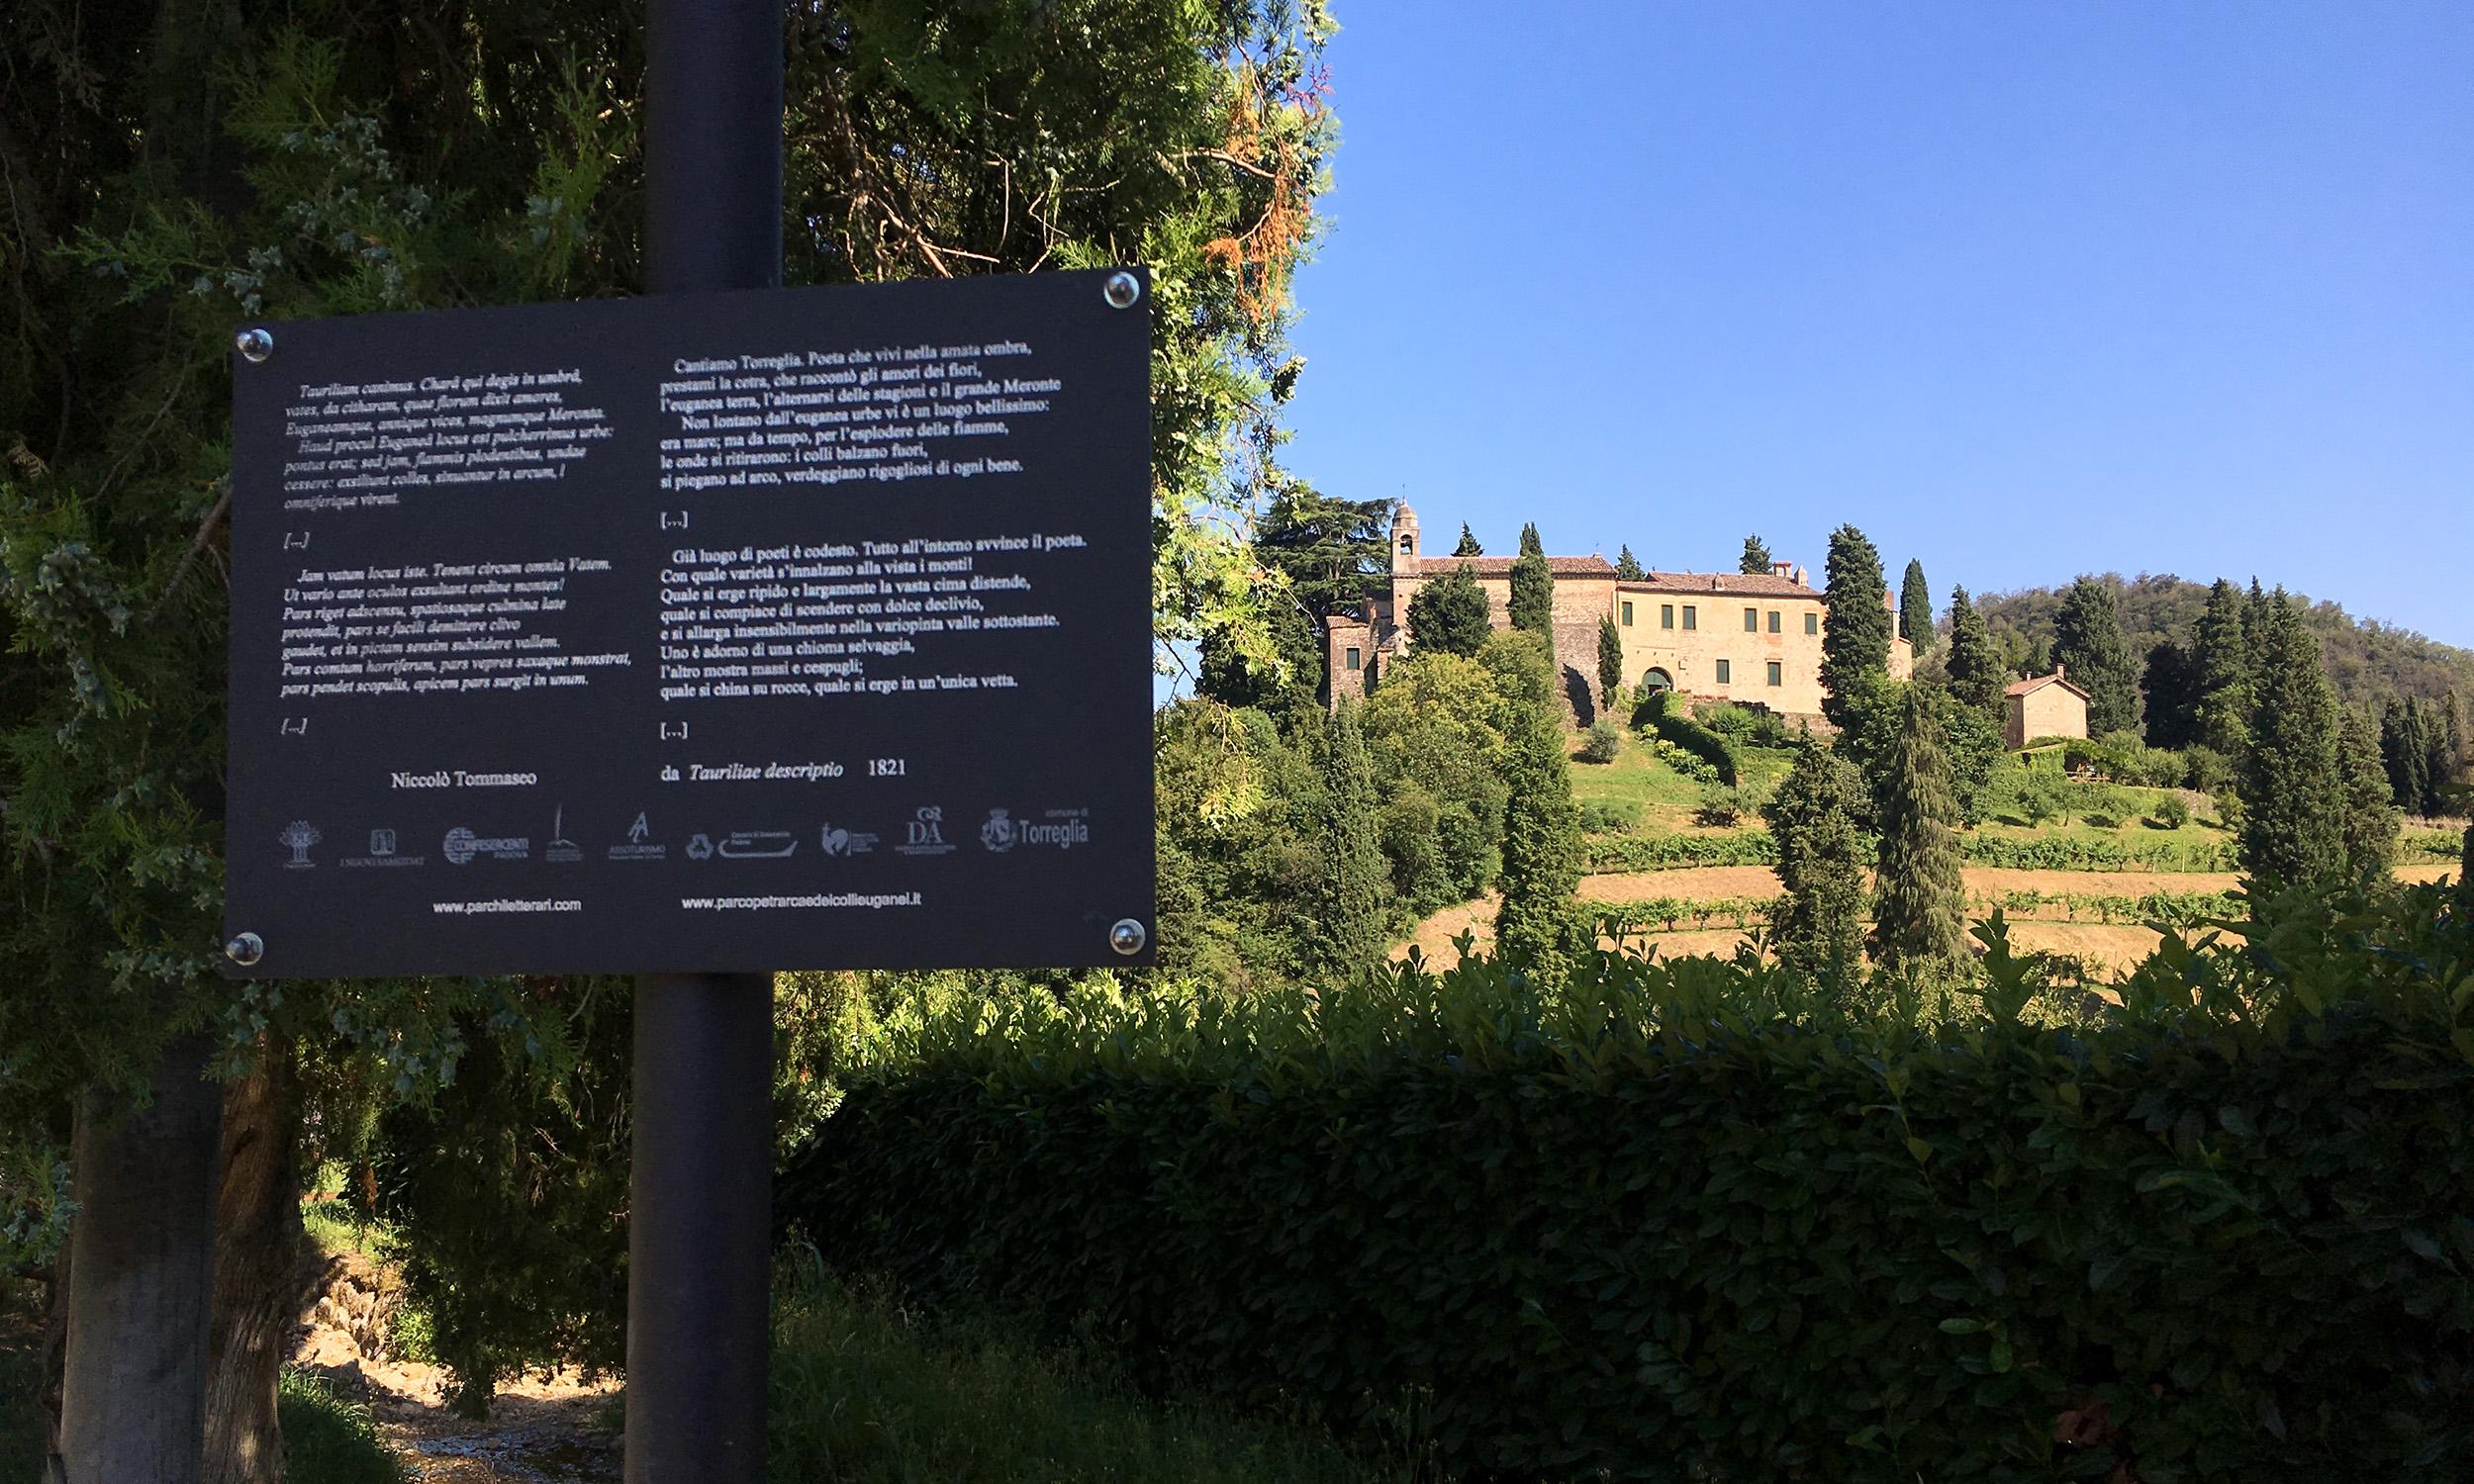 Niccolò Tommaseo a Torreglia